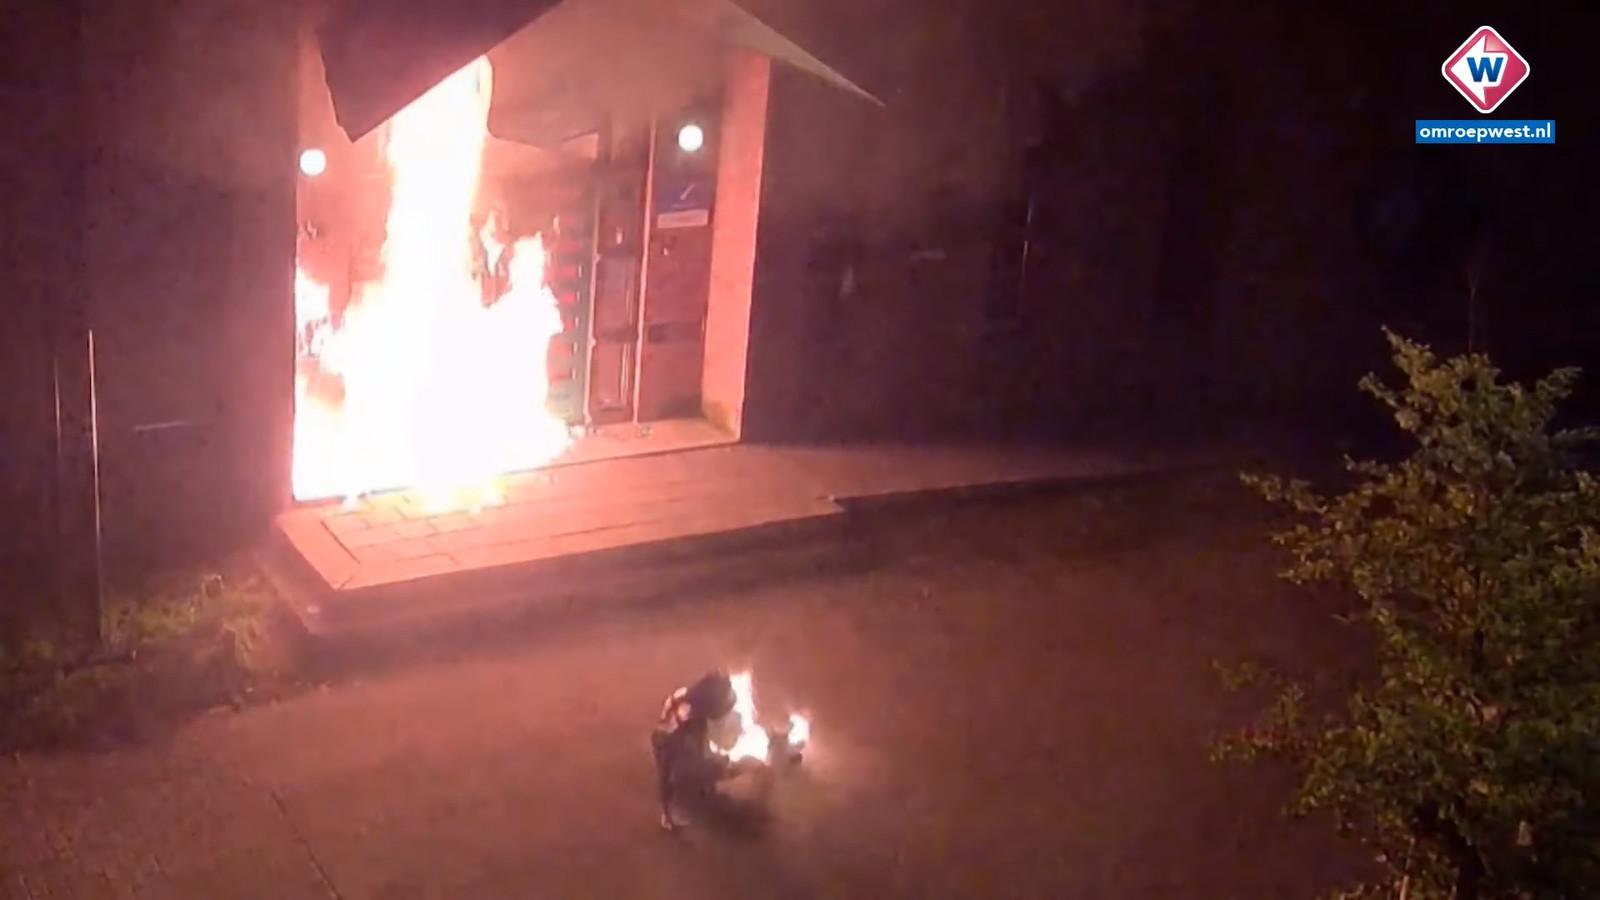 De politie heeft vanavond beelden gedeeld van brandstichting bij voetbalstadion De Goffert in Nijmegen. Er is een sterk vermoeden dart de brand is gesticht door hooligans van ADO Den Haag.